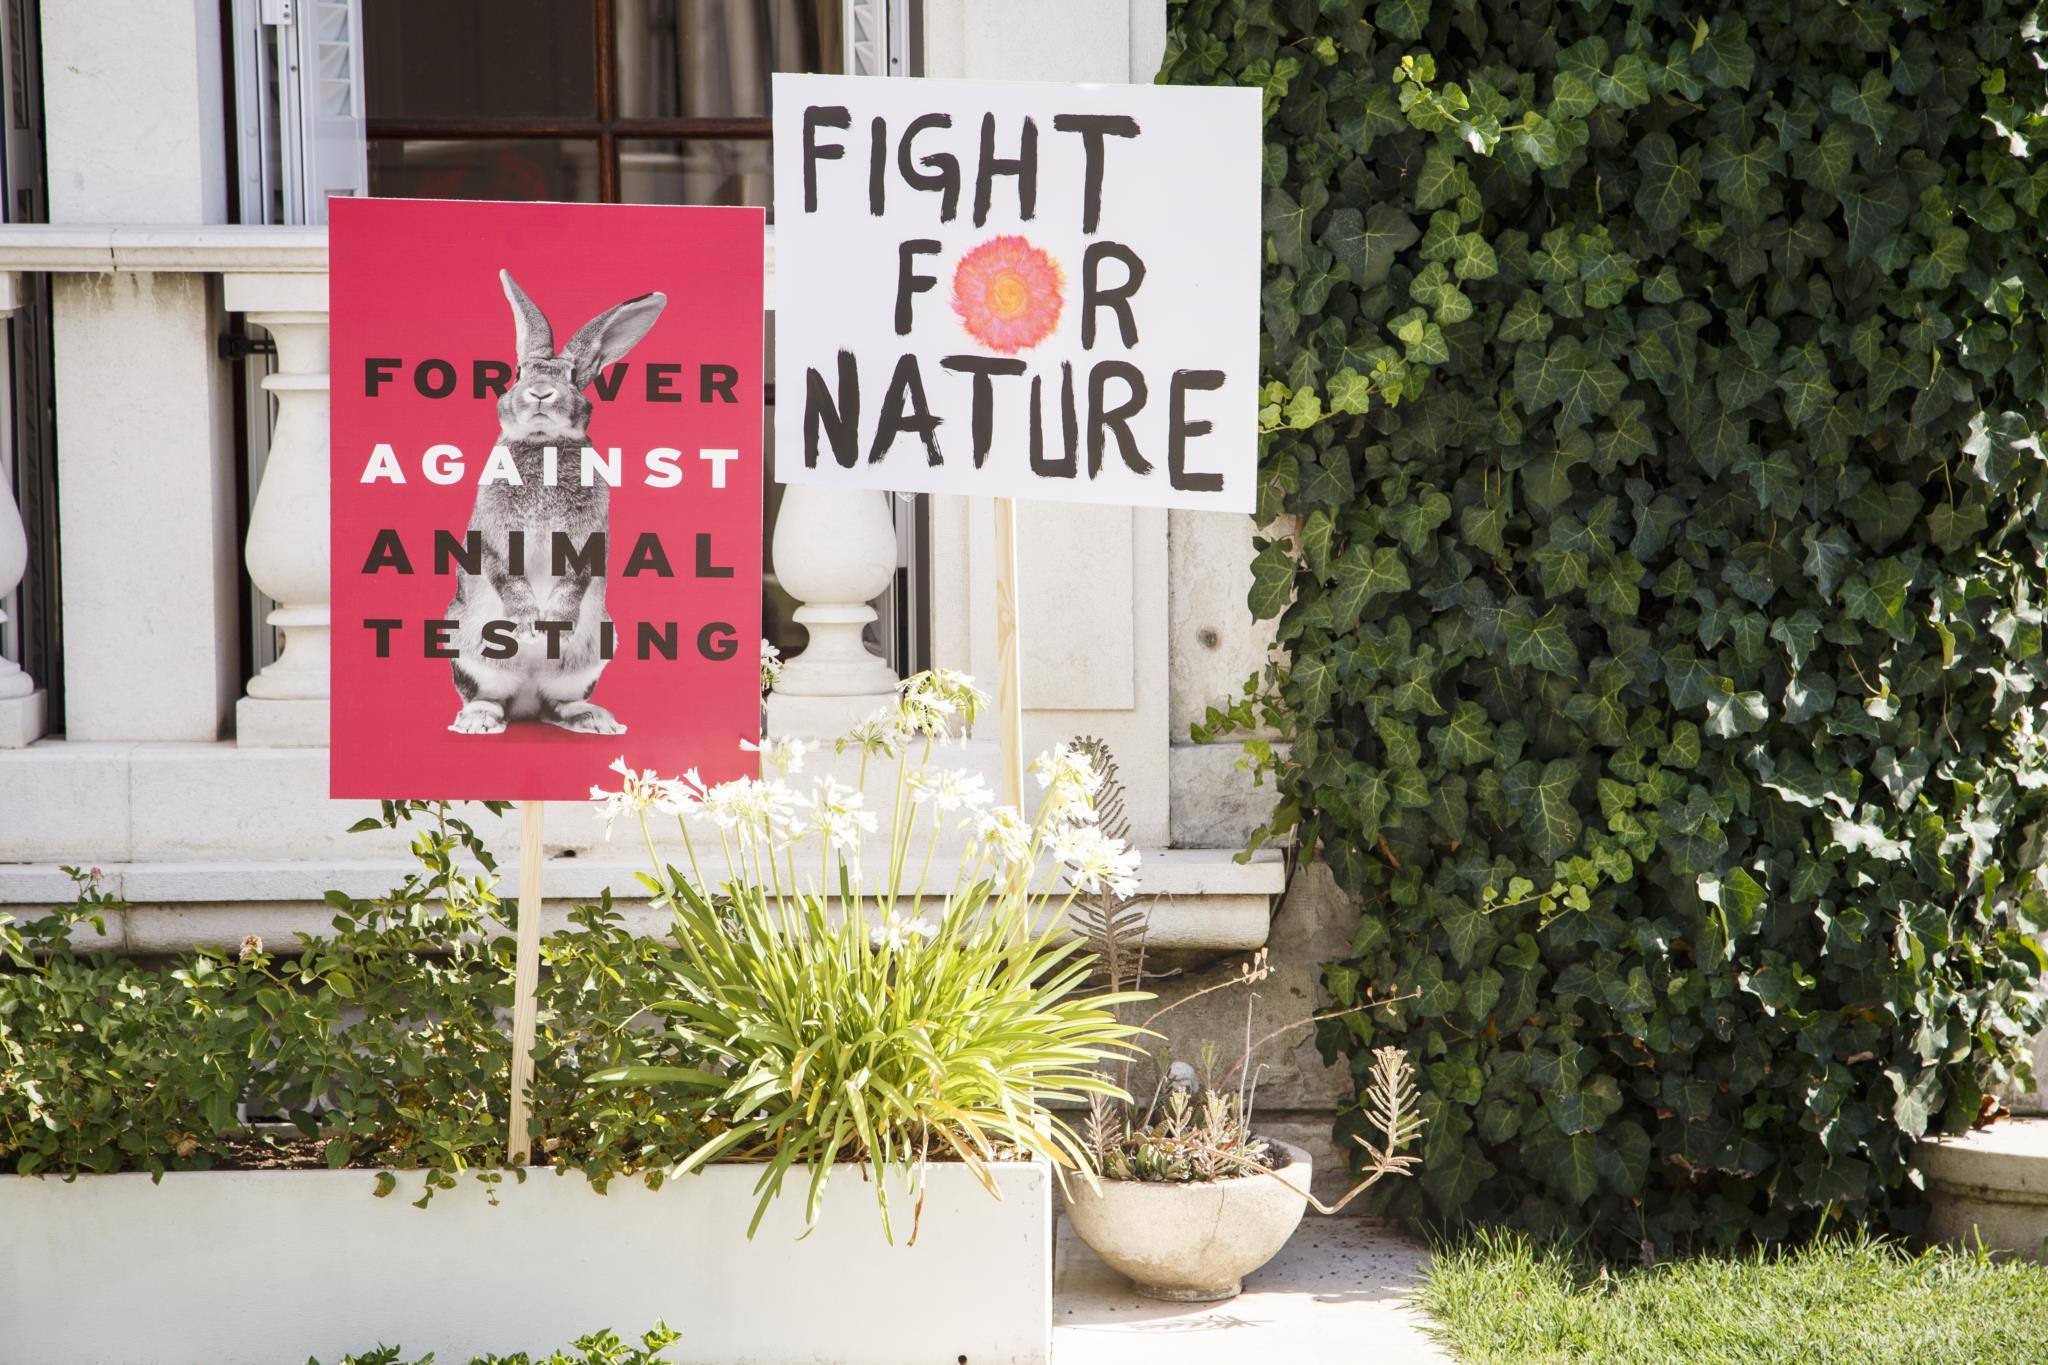 PÚBLICO - Acabar com testes em animais? São precisas oito milhões de assinaturas